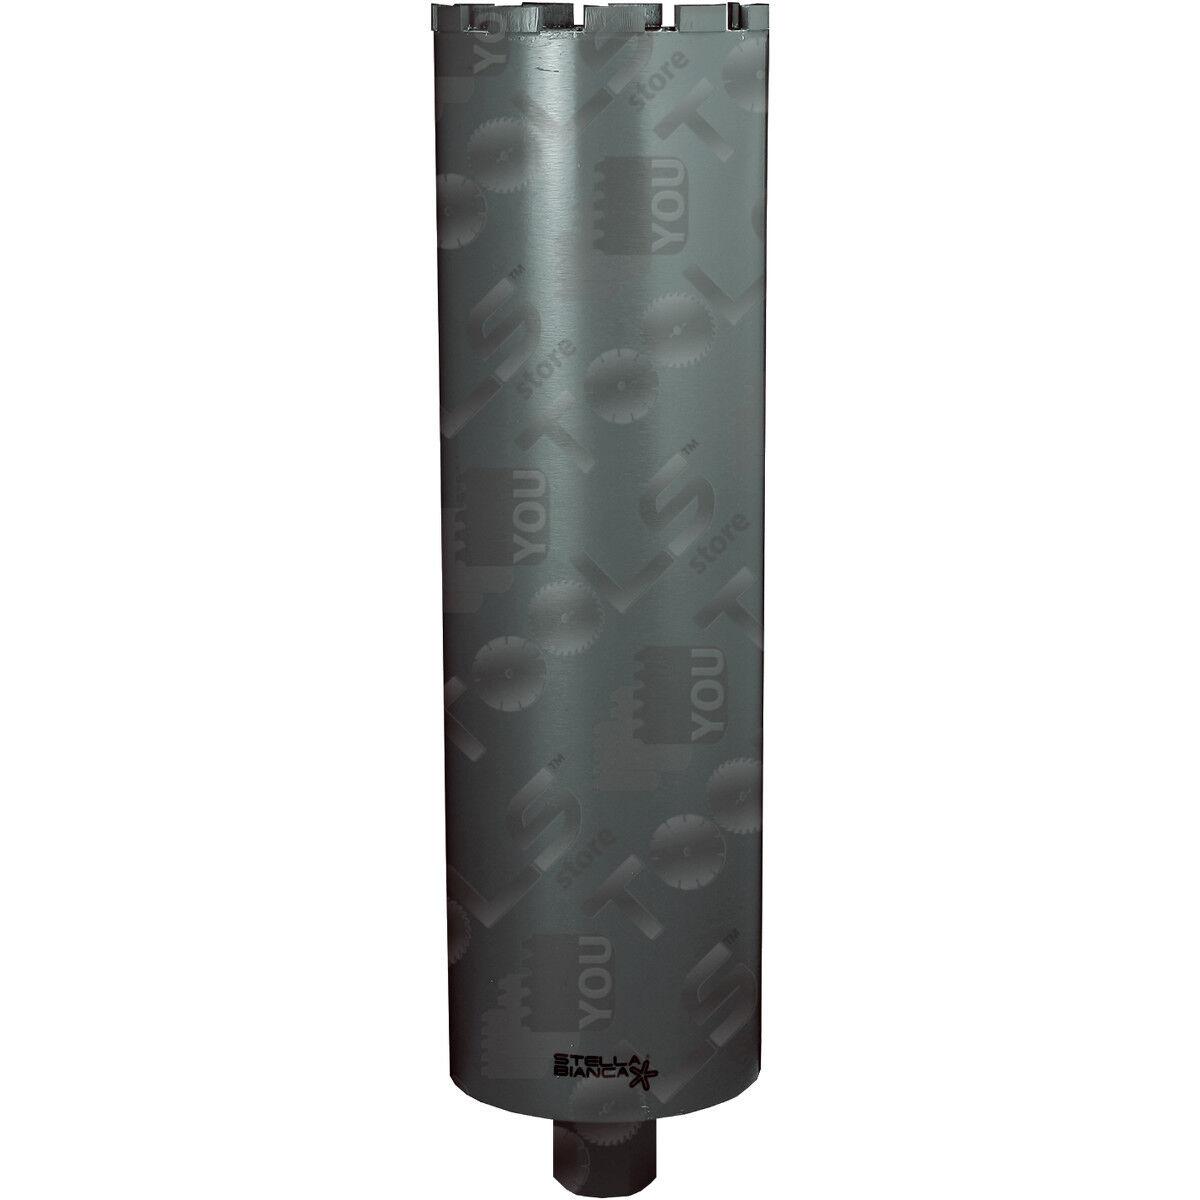 Foretti diamantati altezza 450 mm per cemento armato ad acqua -attacco 1 1 4 UNC